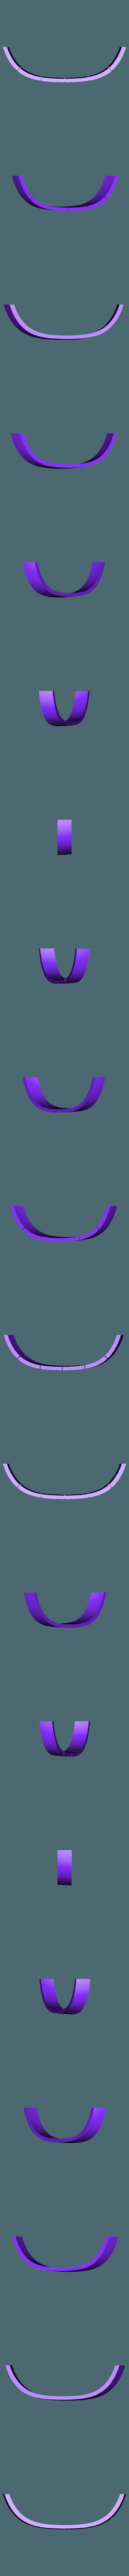 bottom teeth.stl Télécharger fichier STL gratuit Gigantamax Gengar dans un marais (Pokemon) キョダイマックス ゲンガー MMU Pièces multicolores • Design pour imprimante 3D, Jangie